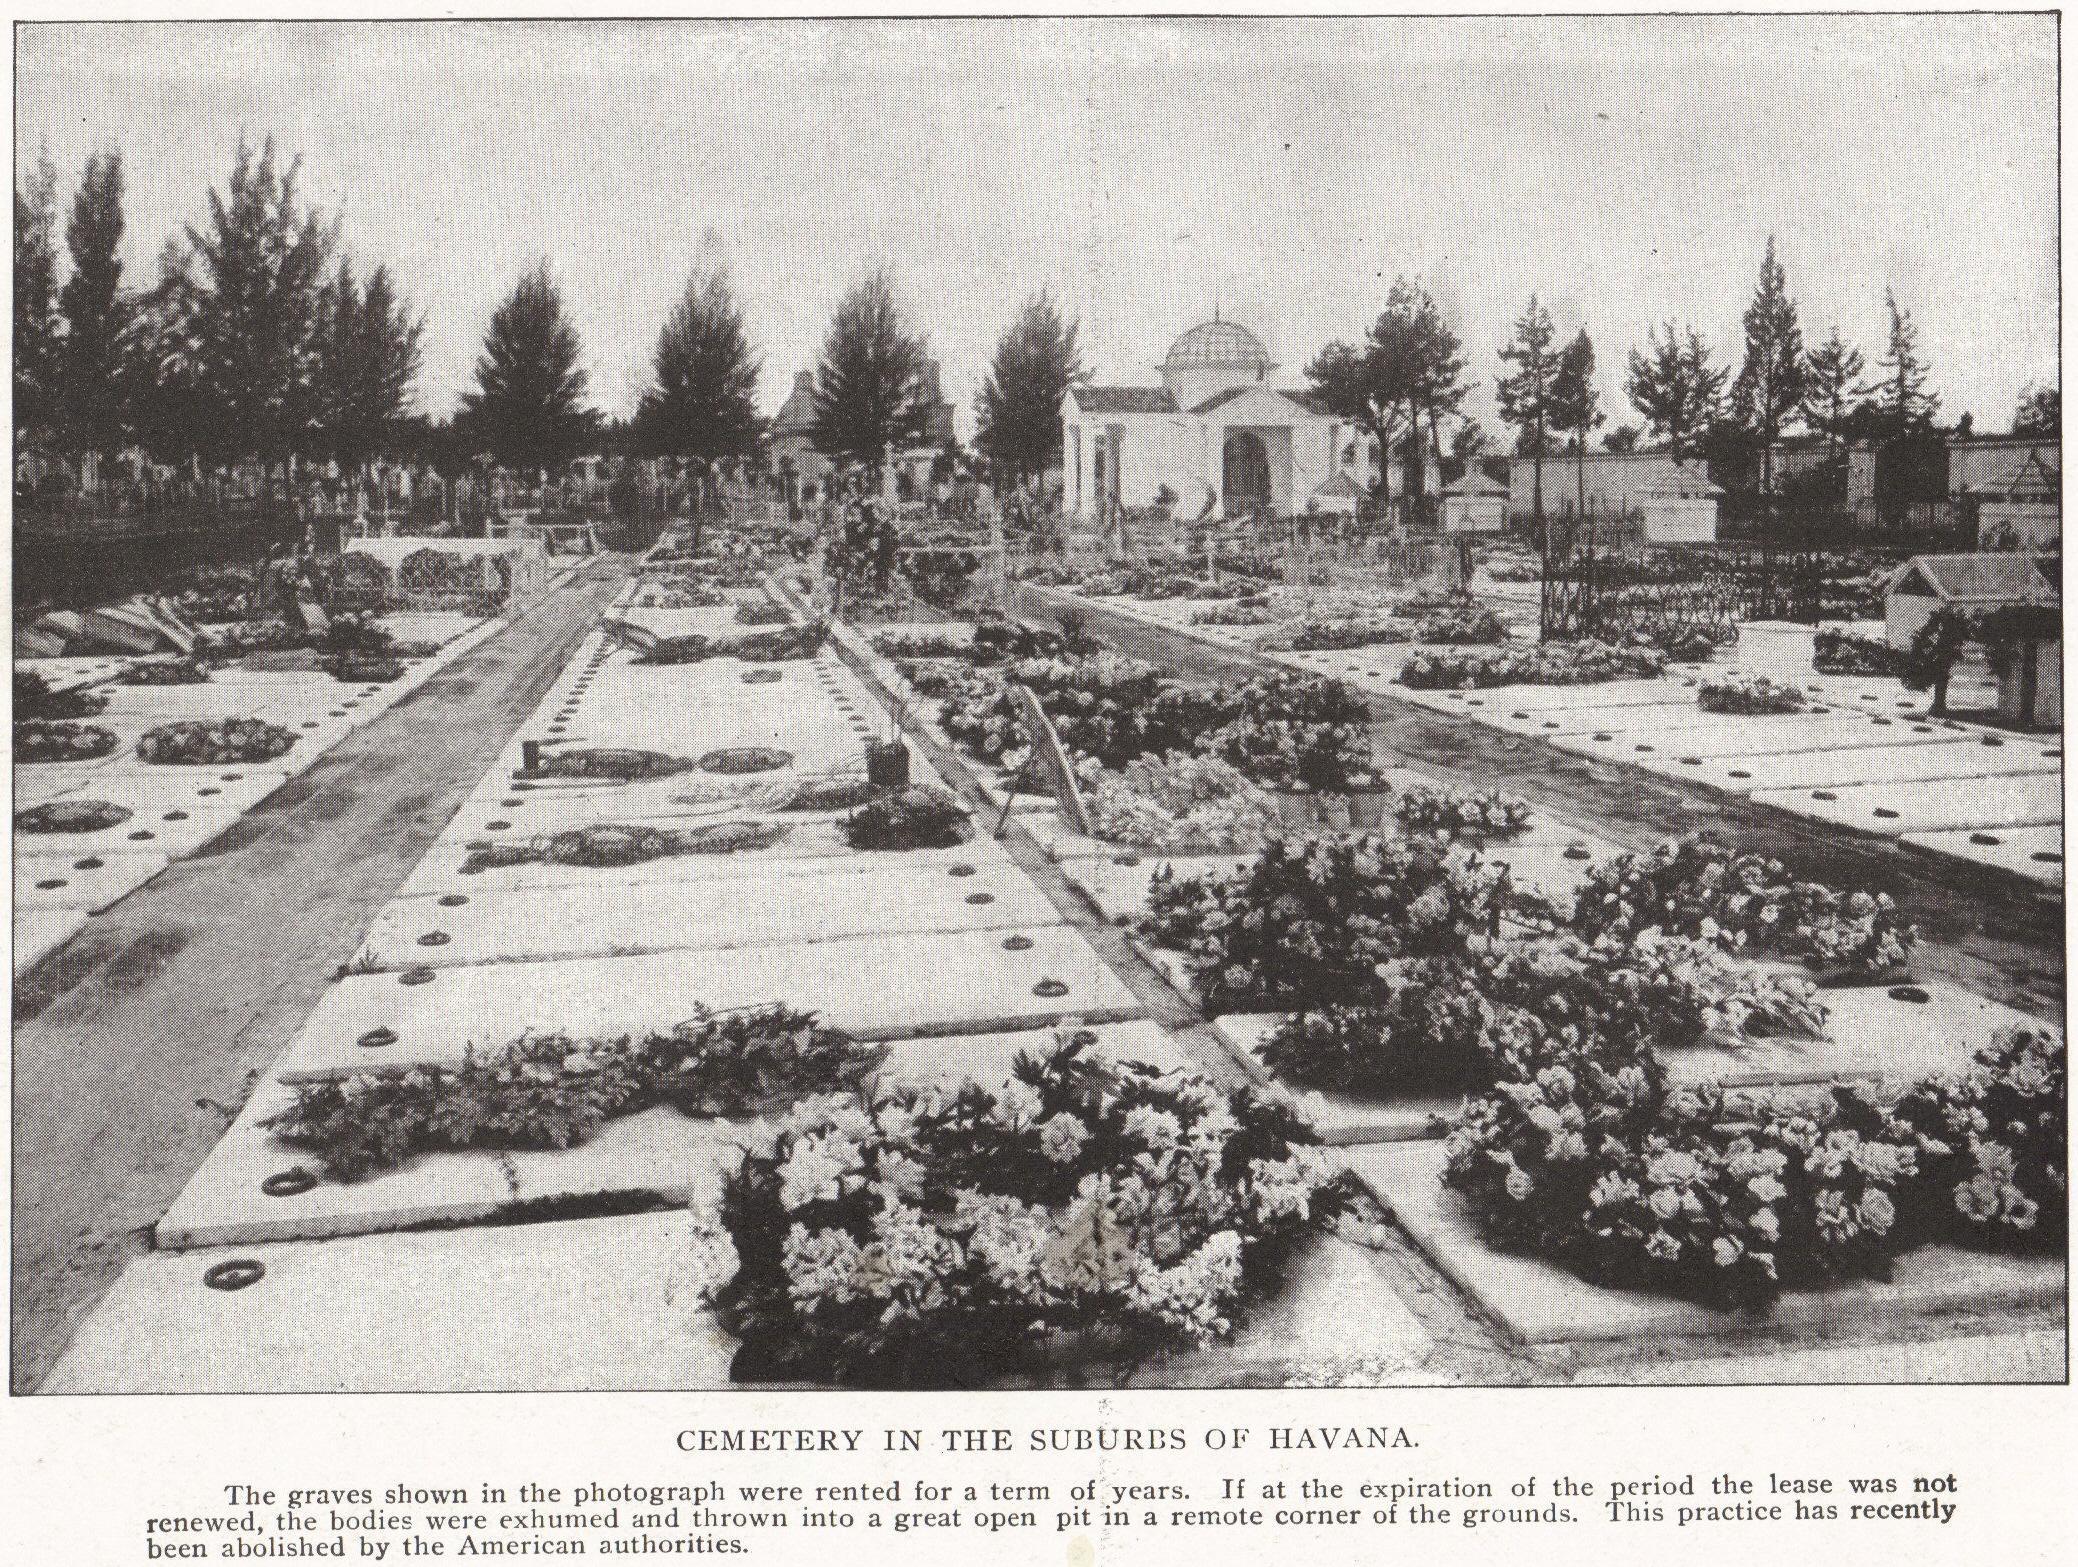 Cemetery in the Suburbs of Havana, Cuba (1898)